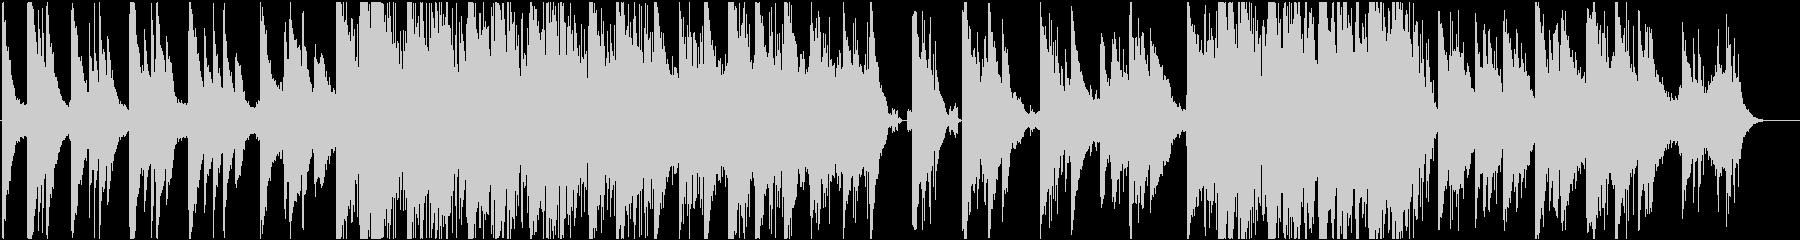 ピアノが印象的なインスタレーション音楽の未再生の波形